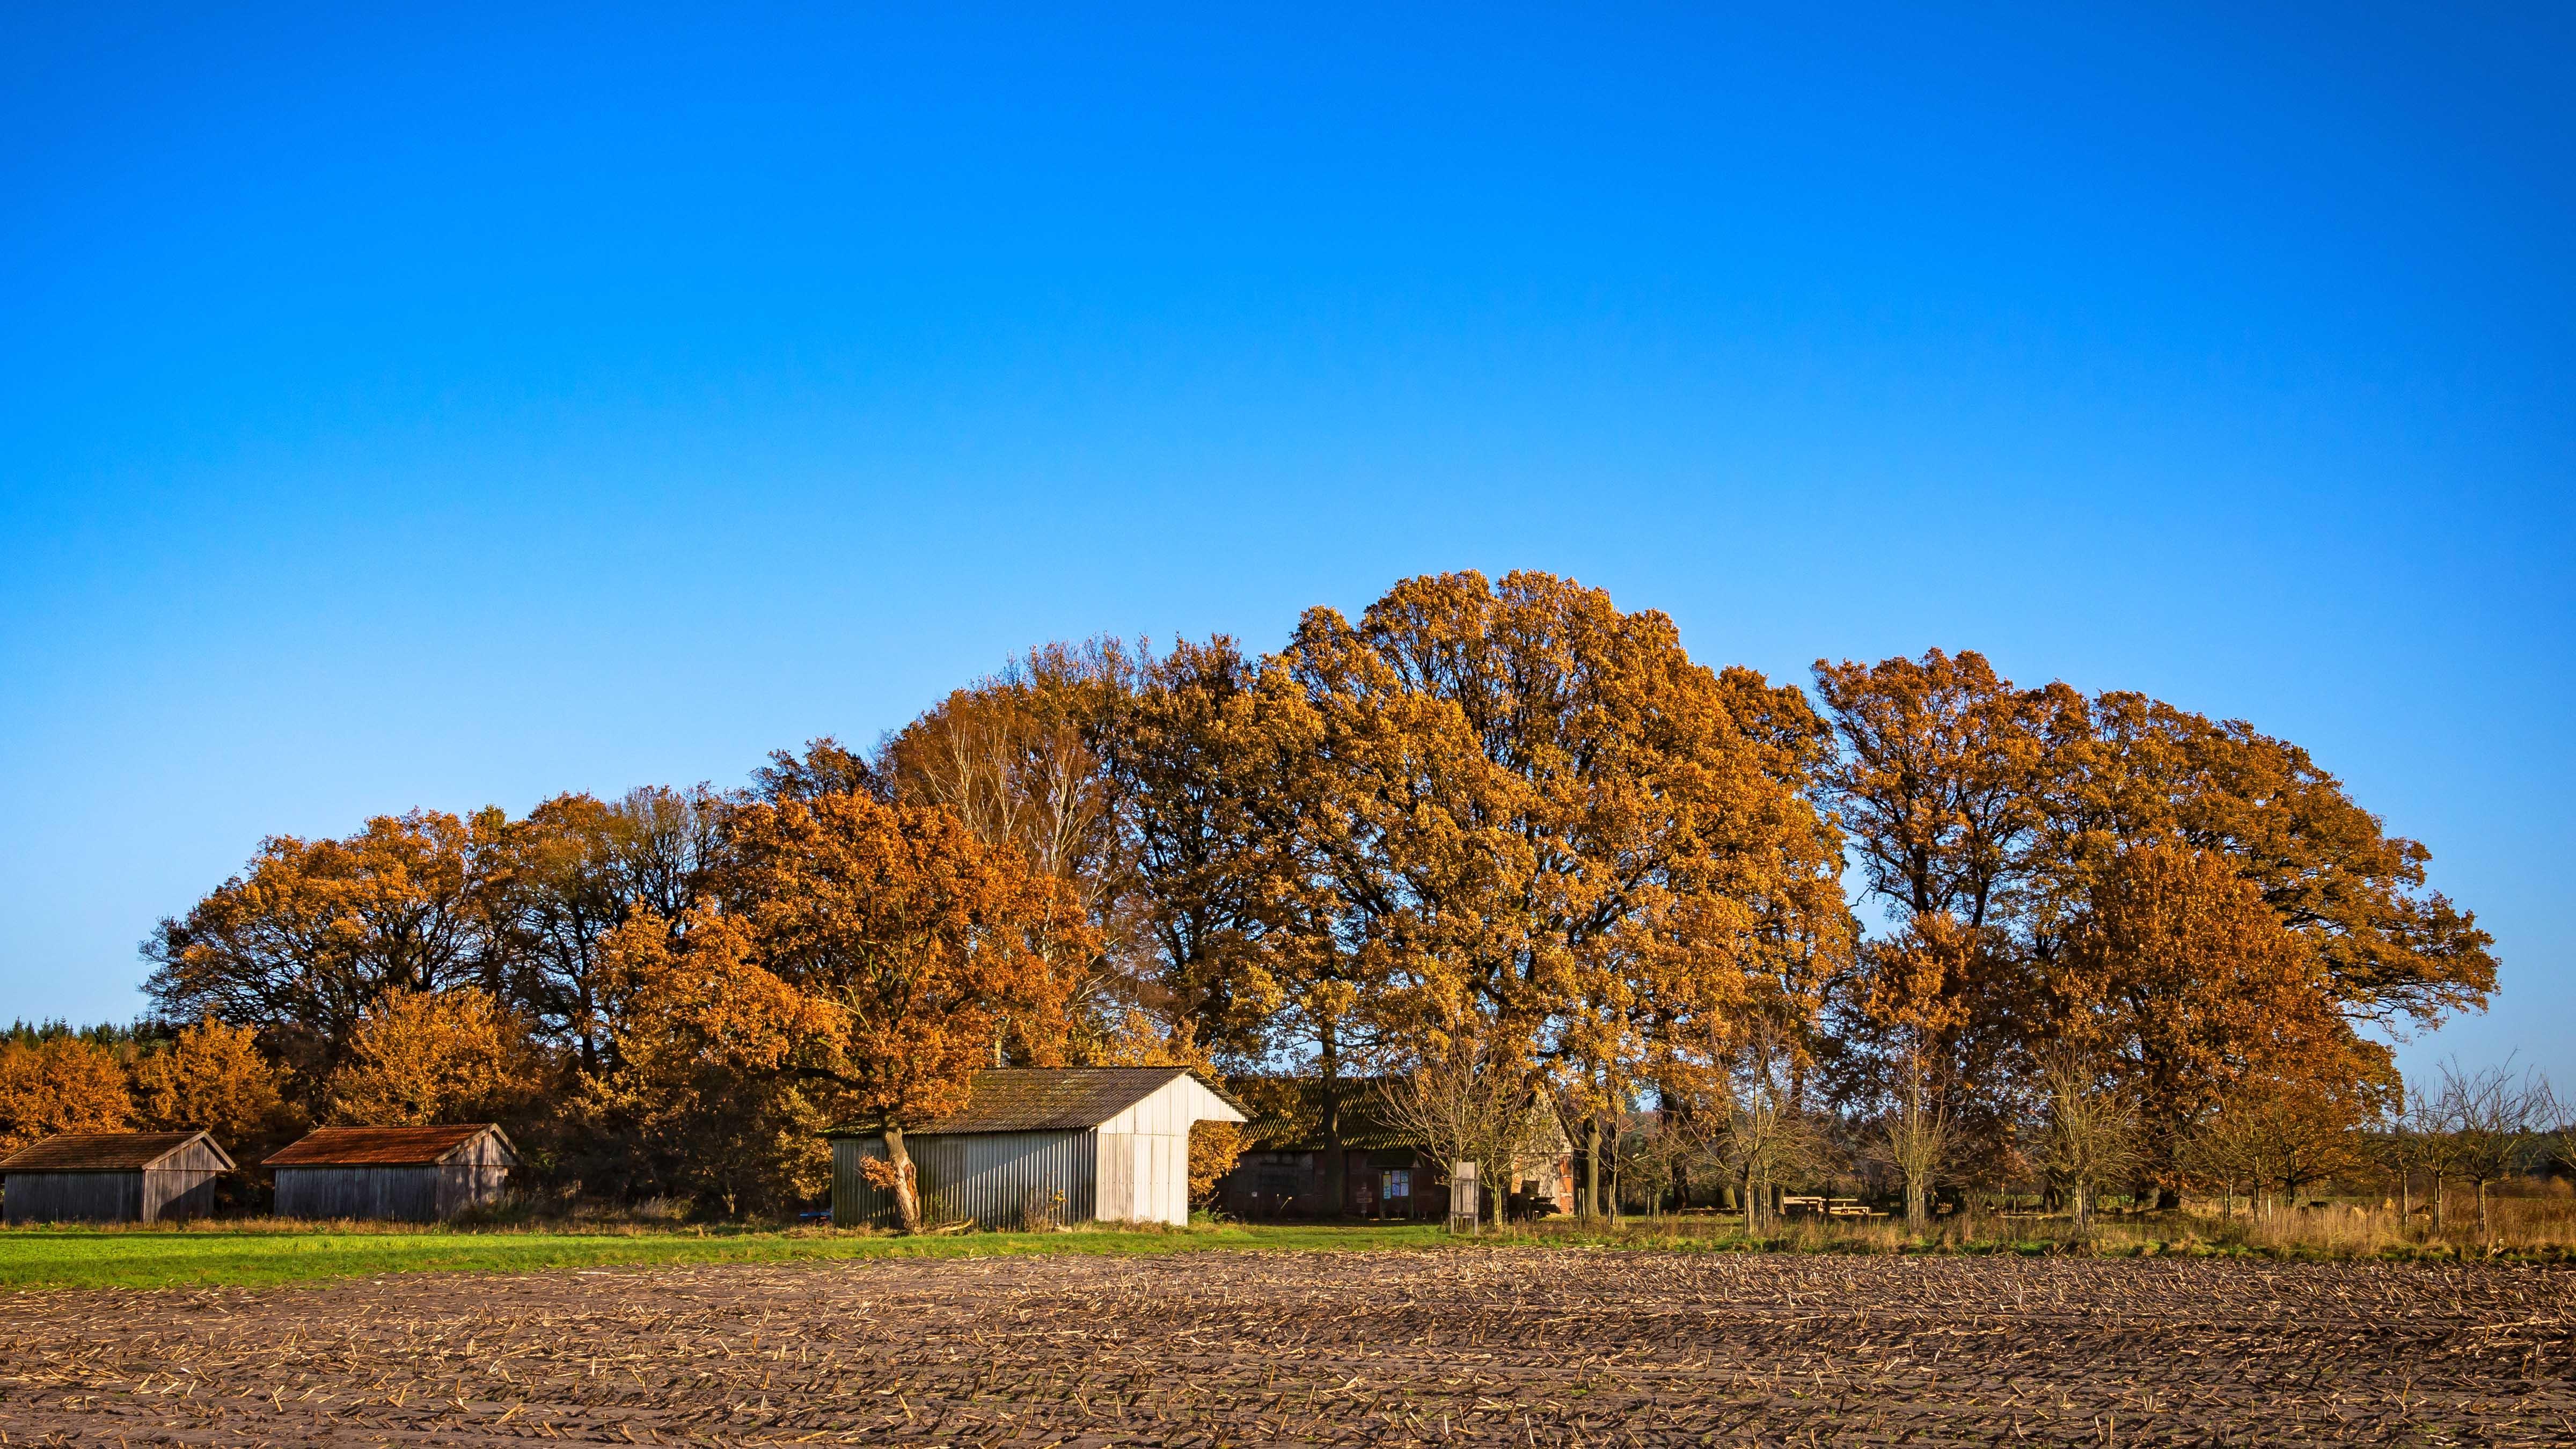 Der Schafstall Unterstedt im bunten Herbstkleid